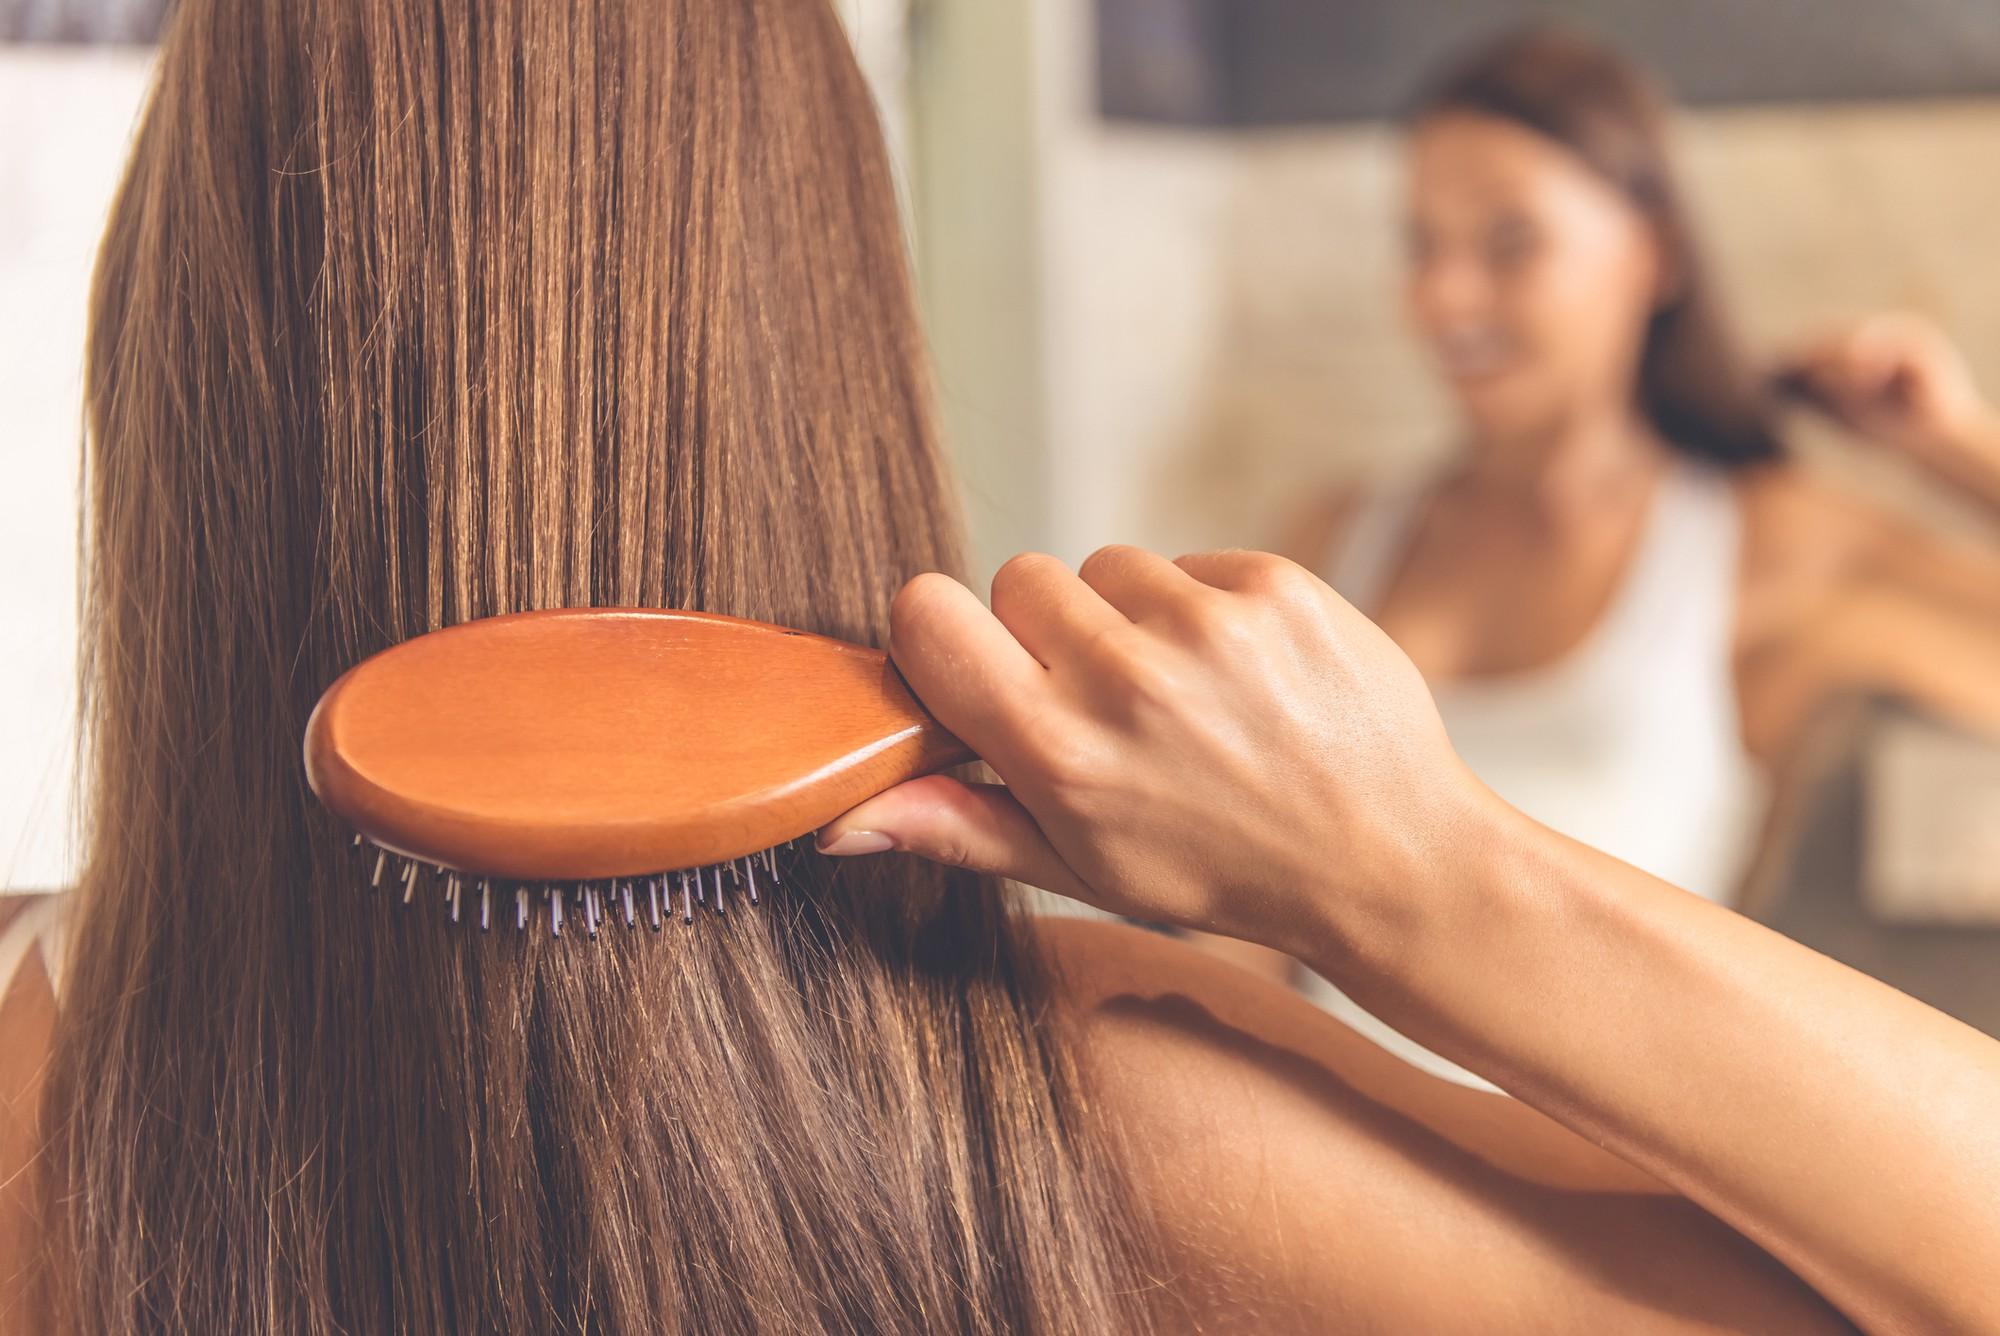 Mùa đông tóc cứ bết bệt khó chịu thì đây là những giải pháp hiệu quả để xử lý chúng - Ảnh 2.